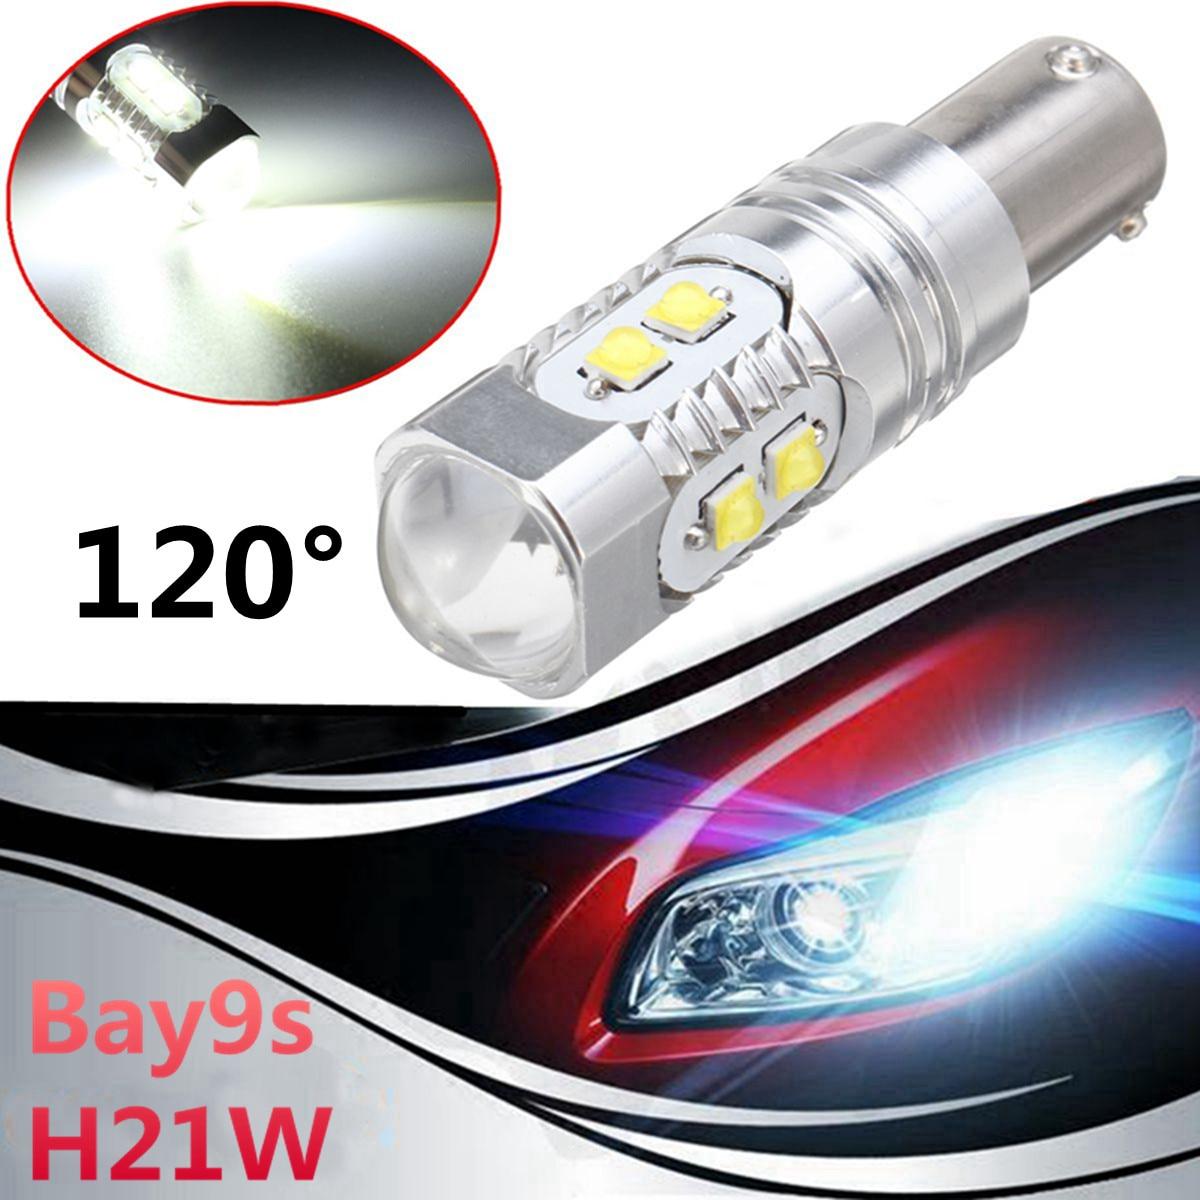 1Pc Bay9s Turn Signal Lamp Bulbs H21W 64136 High Power 50W LED Projector White Car Fog Light Bulb